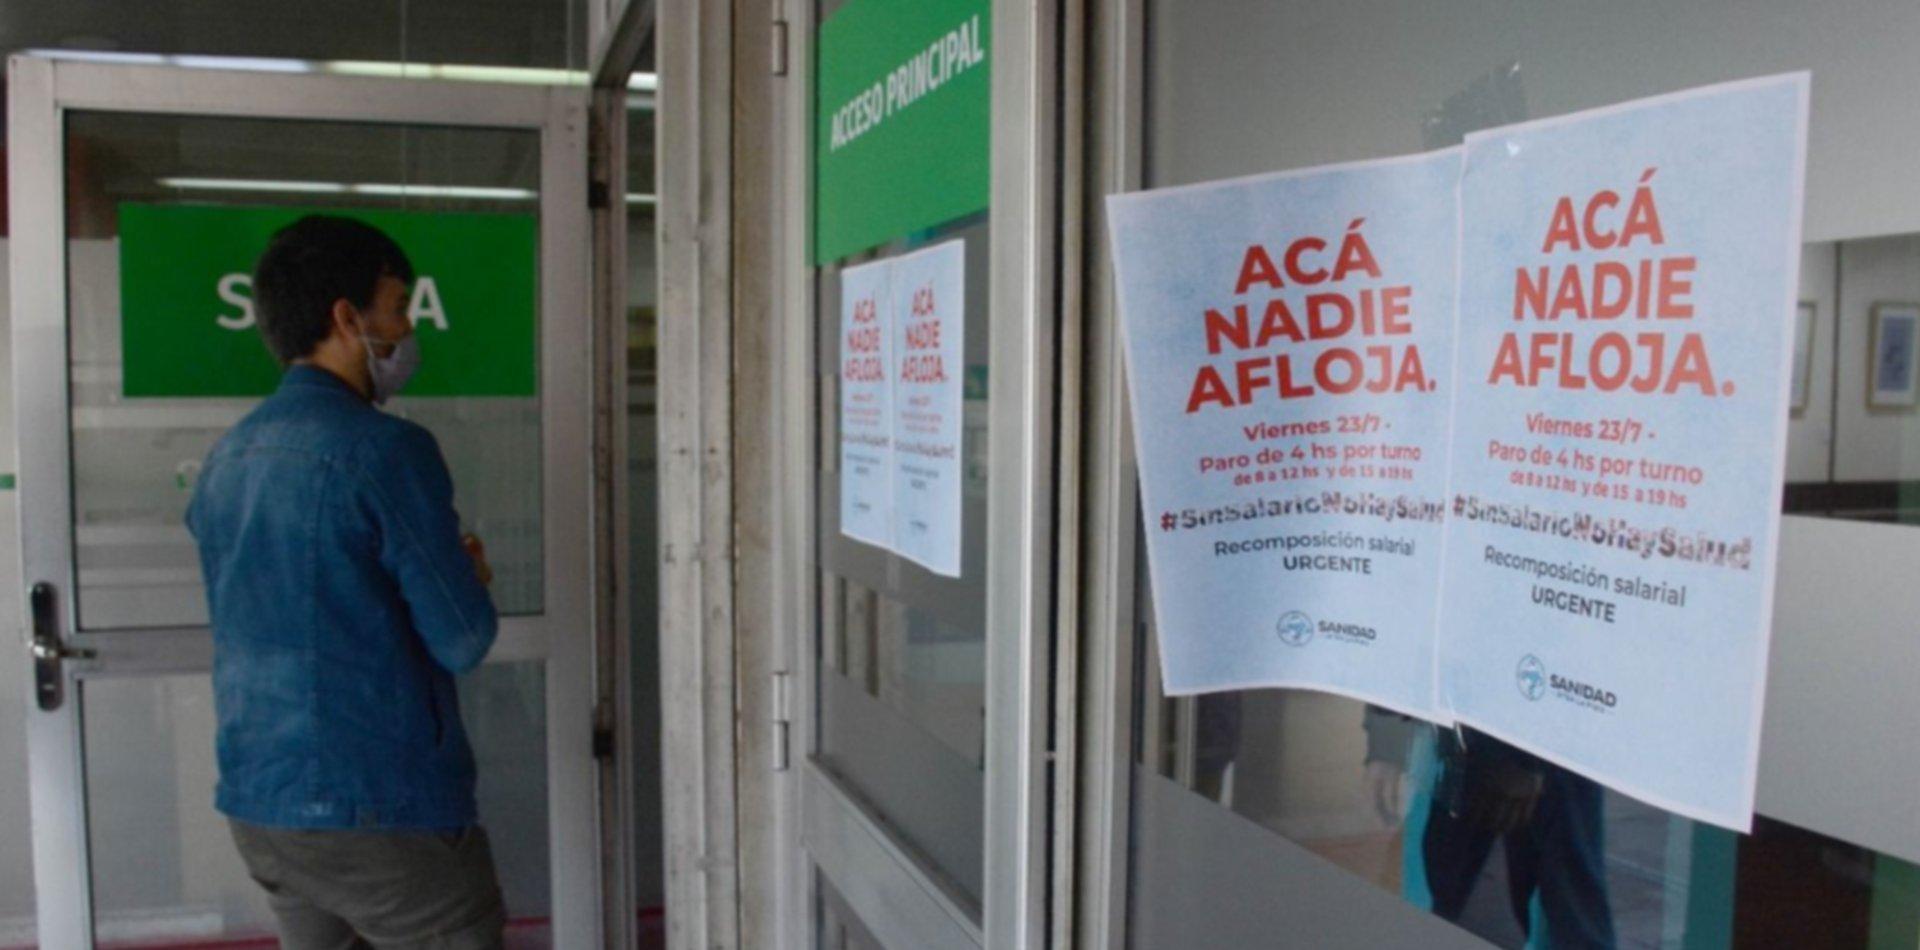 Sin acuerdo, los trabajadores de la salud volverán a parar este sábado